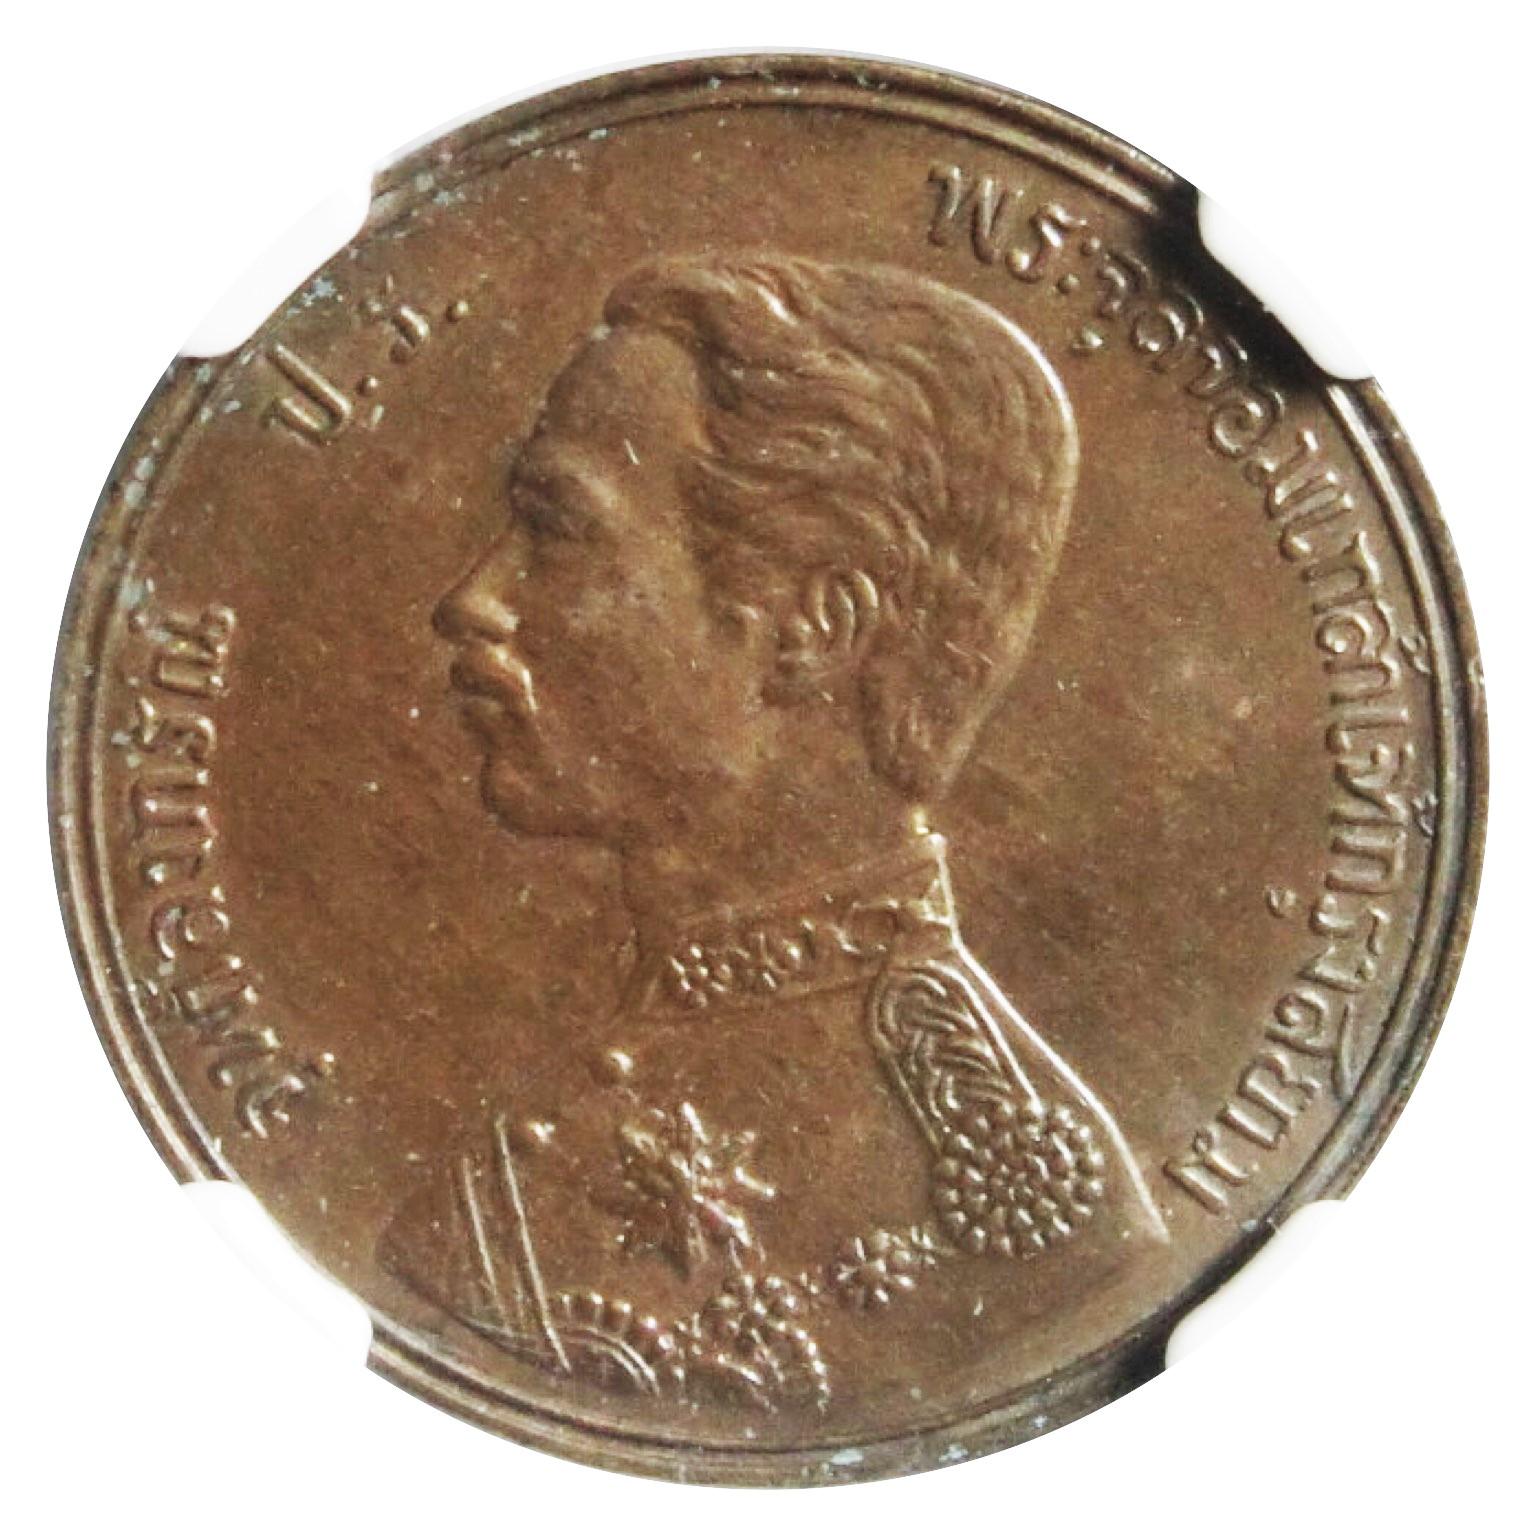 เหรียญกษาปณ์ทองแดง พระสยาม รัชกาลที่๕ ชนิดราคา หนึ่งอัฐ ร.ศ.122